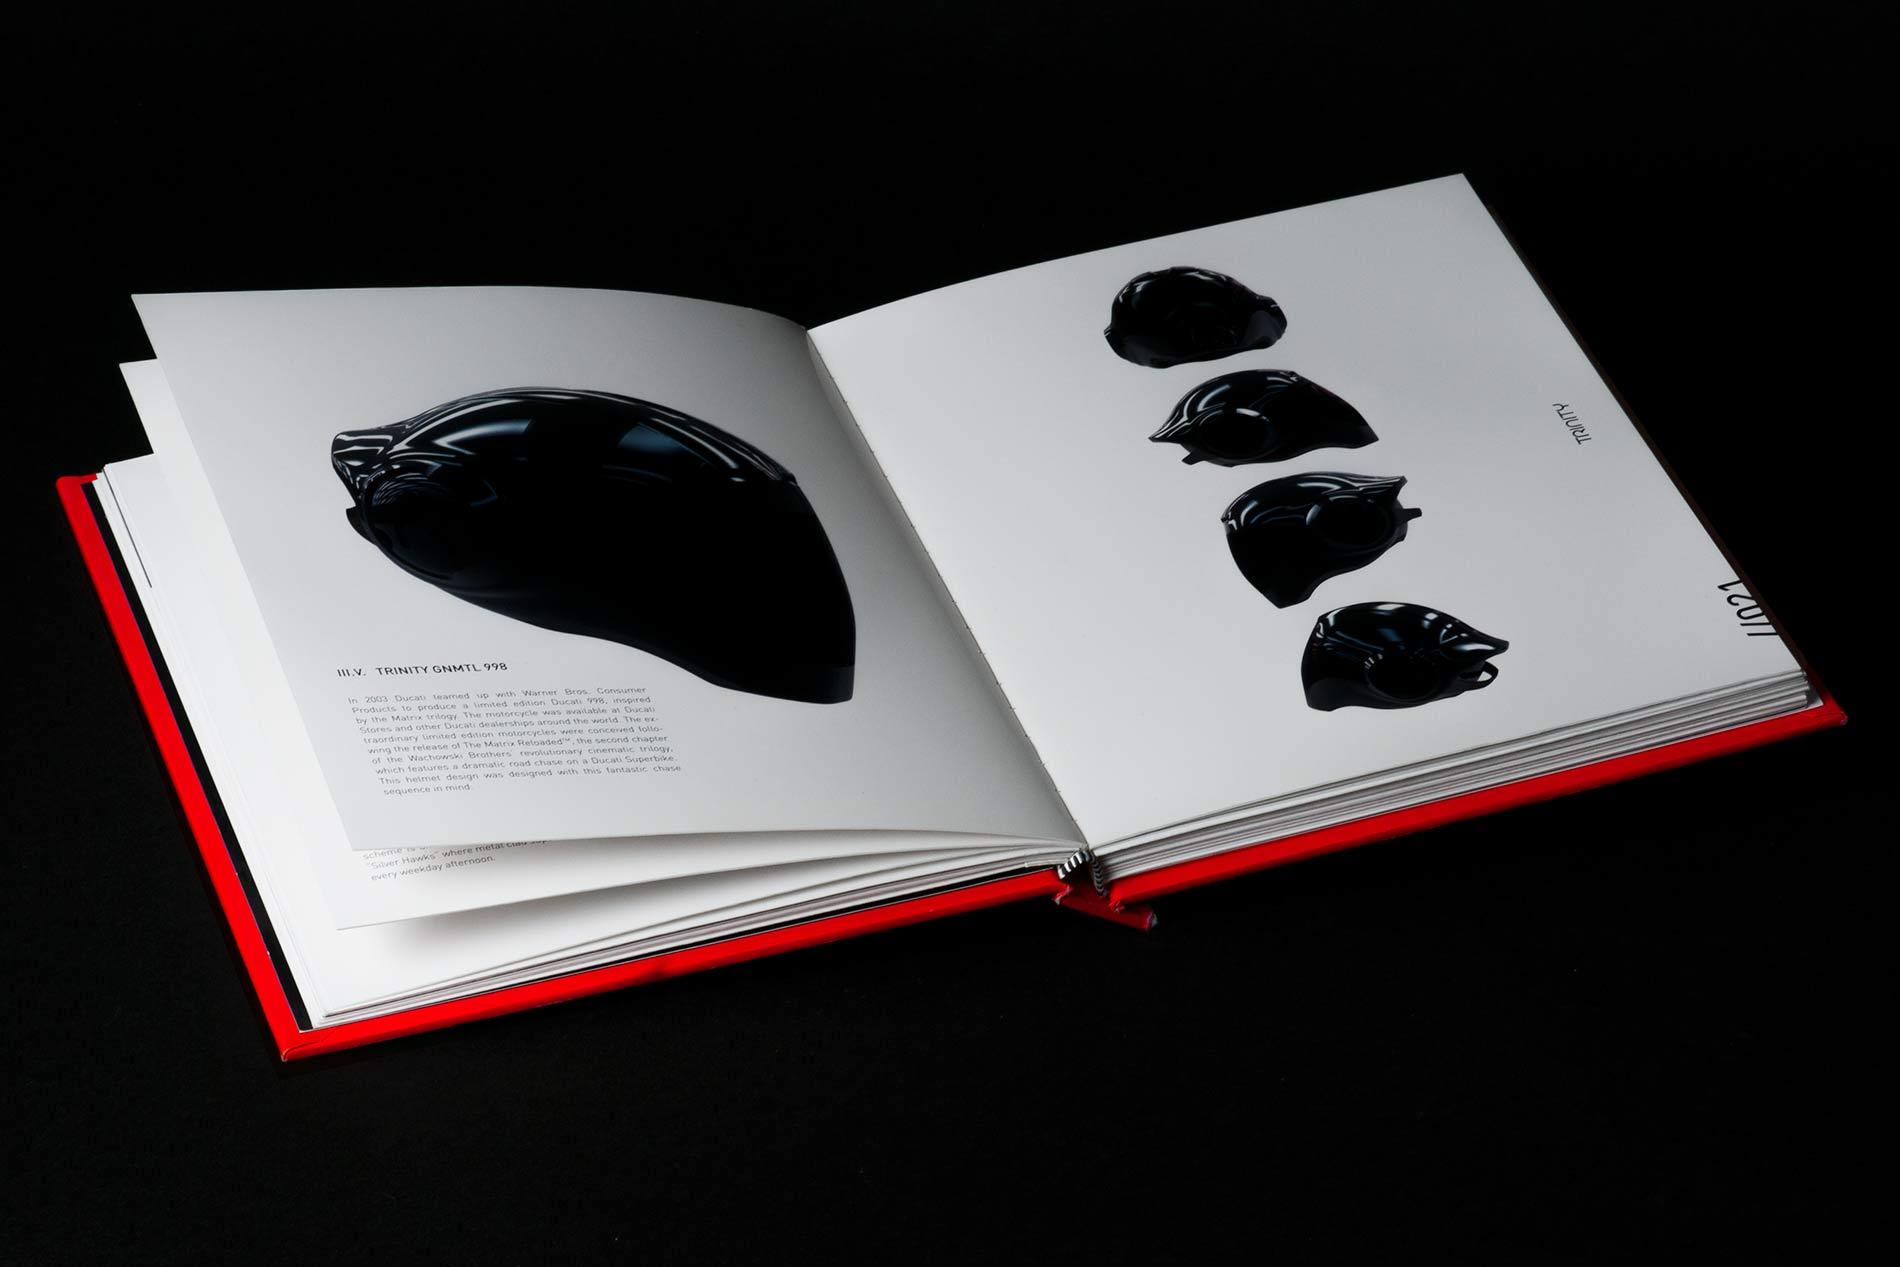 Janina-Lermer-Markenentwickung-Markengestaltung-Branddevelopment-Branddesign-Del-Rosario-Markenbuch-Brandbook-Innen-Inside